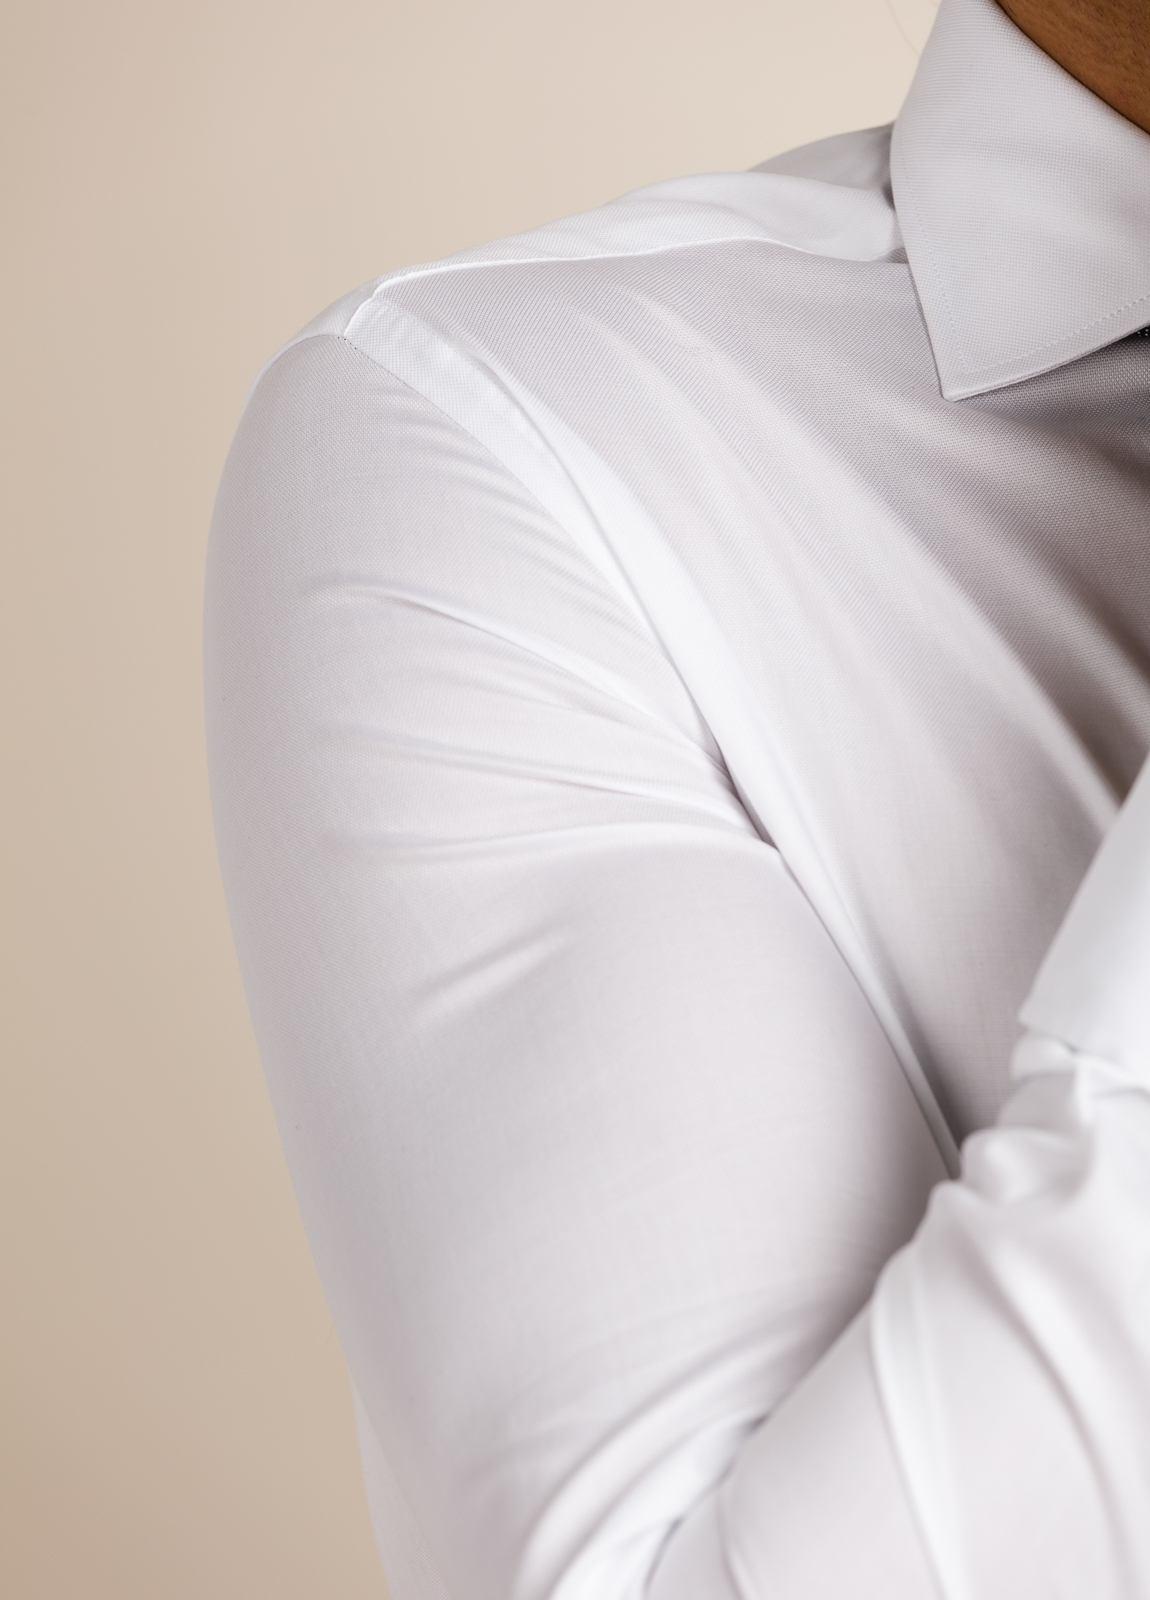 Camisa vestir FUREST COLECCIÓN Regular Fit Puño Doble blanco. - Ítem1